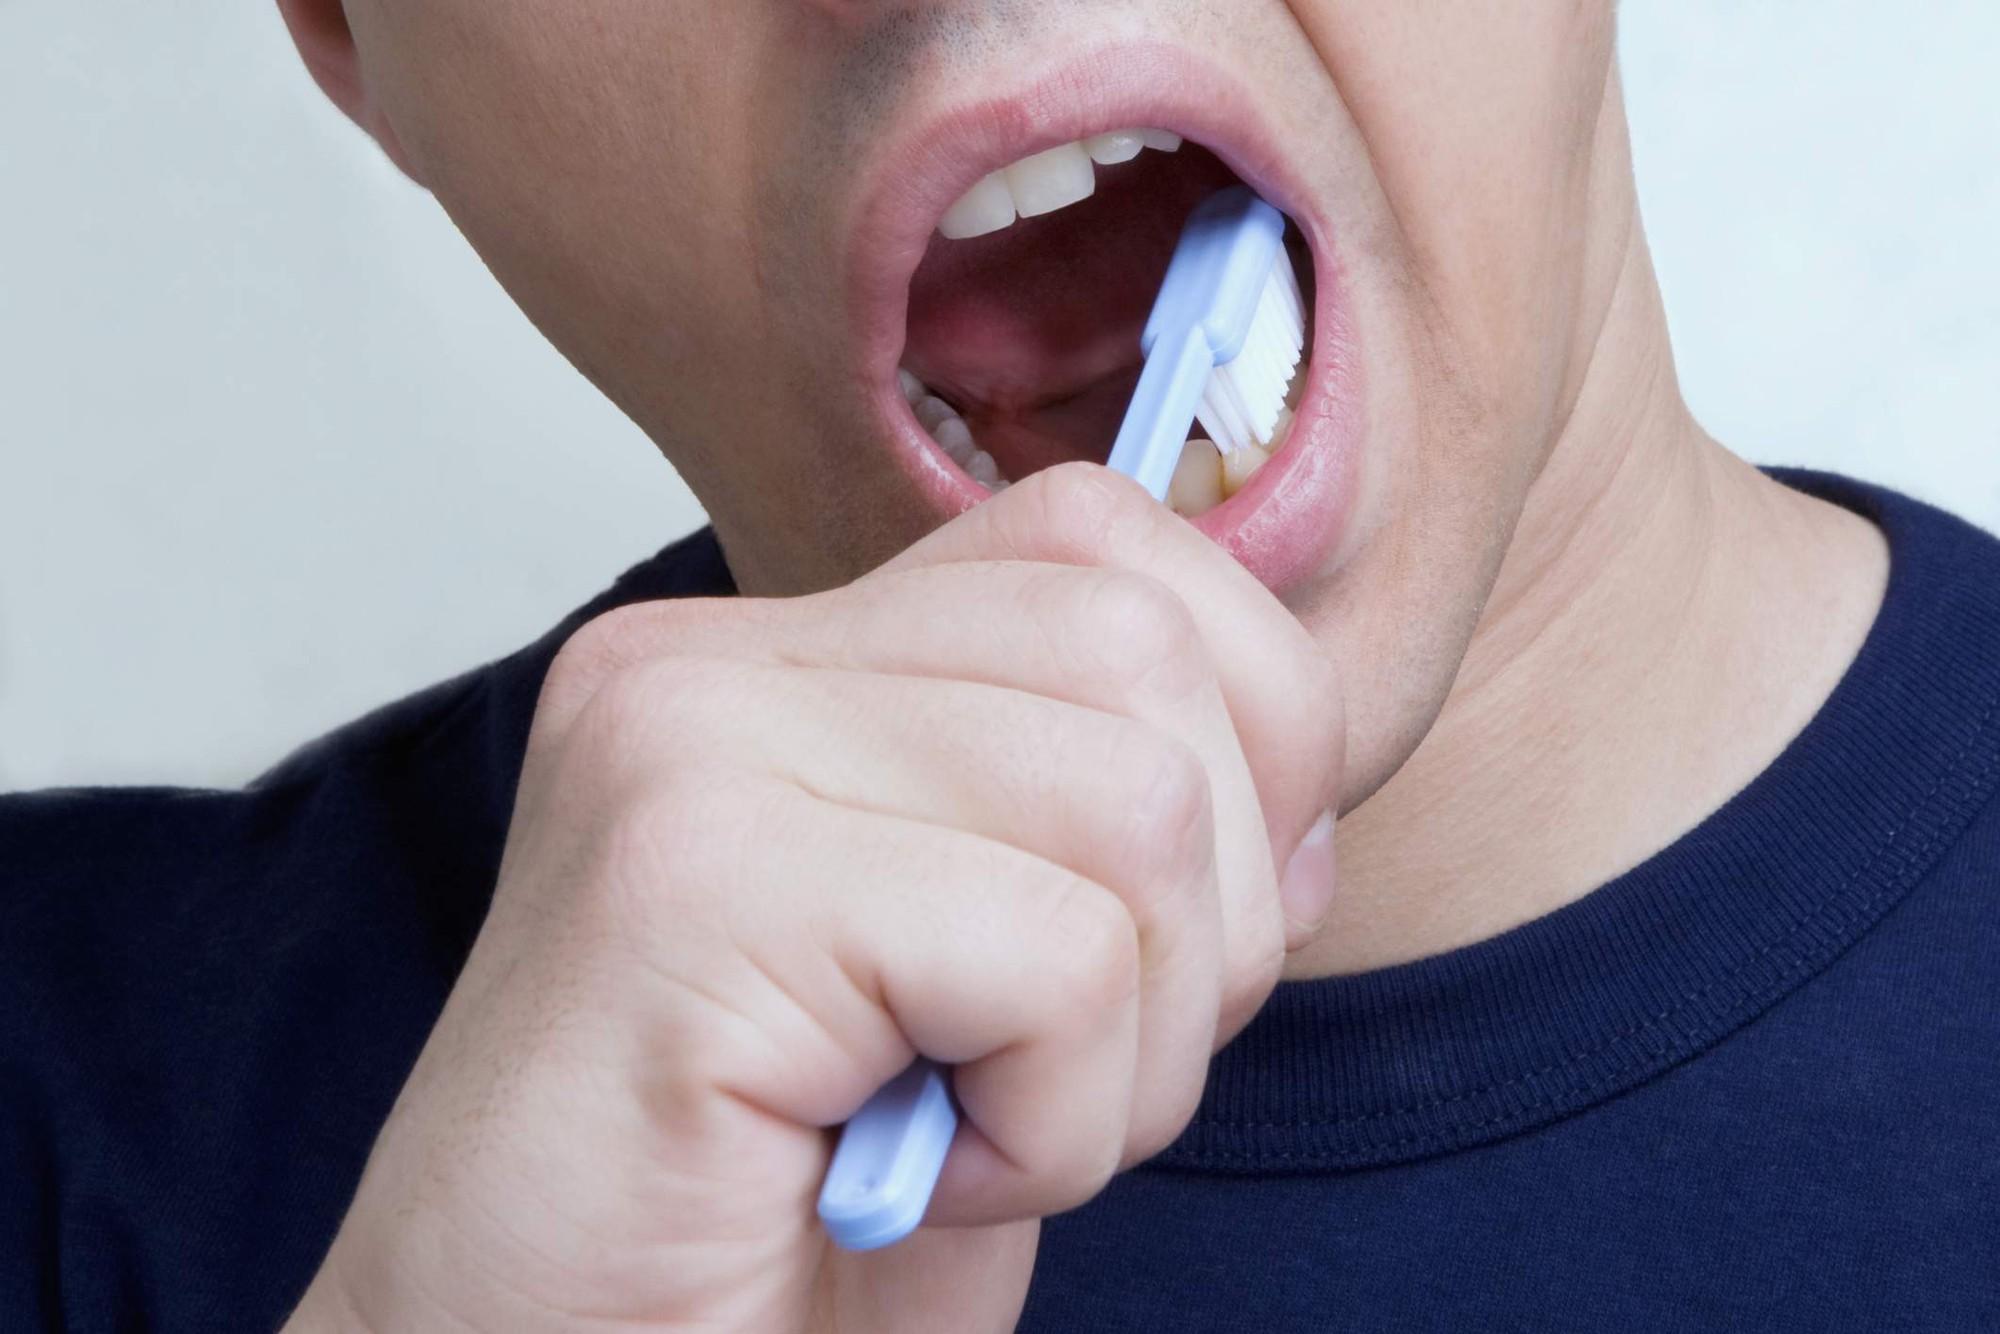 Tiên Tiên khoe chiếc răng sĩ diện nhất hành tinh, và nó cũng chính là nỗi sợ không của riêng ai! - Ảnh 6.